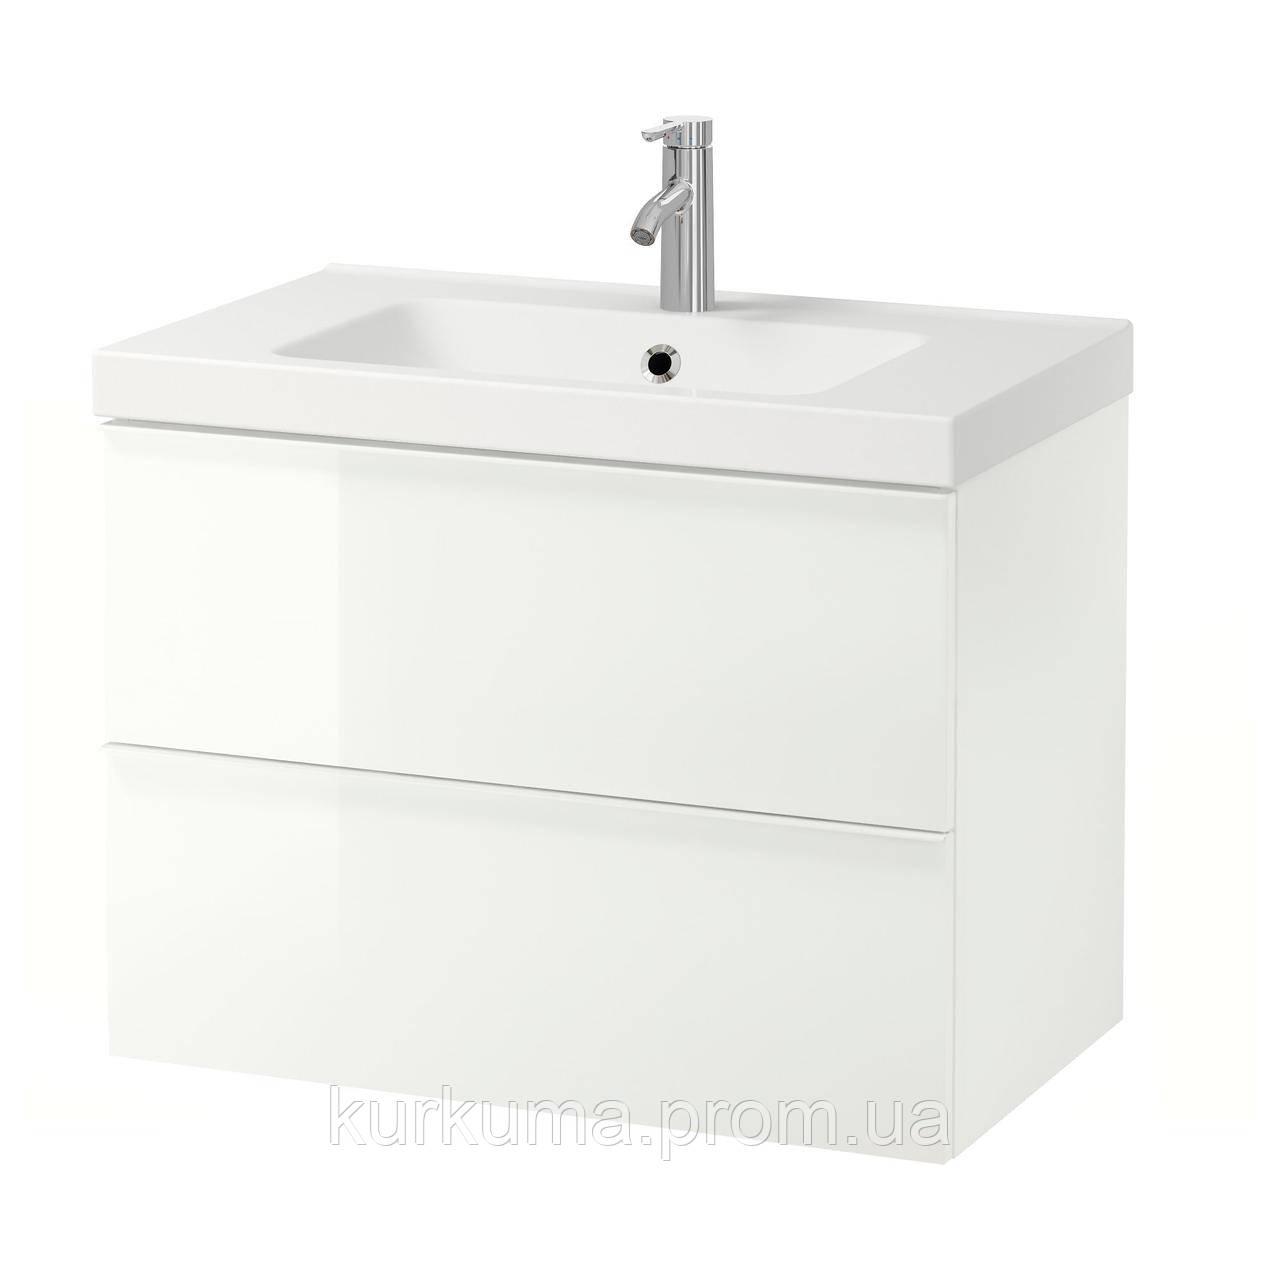 IKEA GODMORGON/ODENSVIK Шкаф под умывальник с раковиной, белый глянцевый белый  (198.733.61)